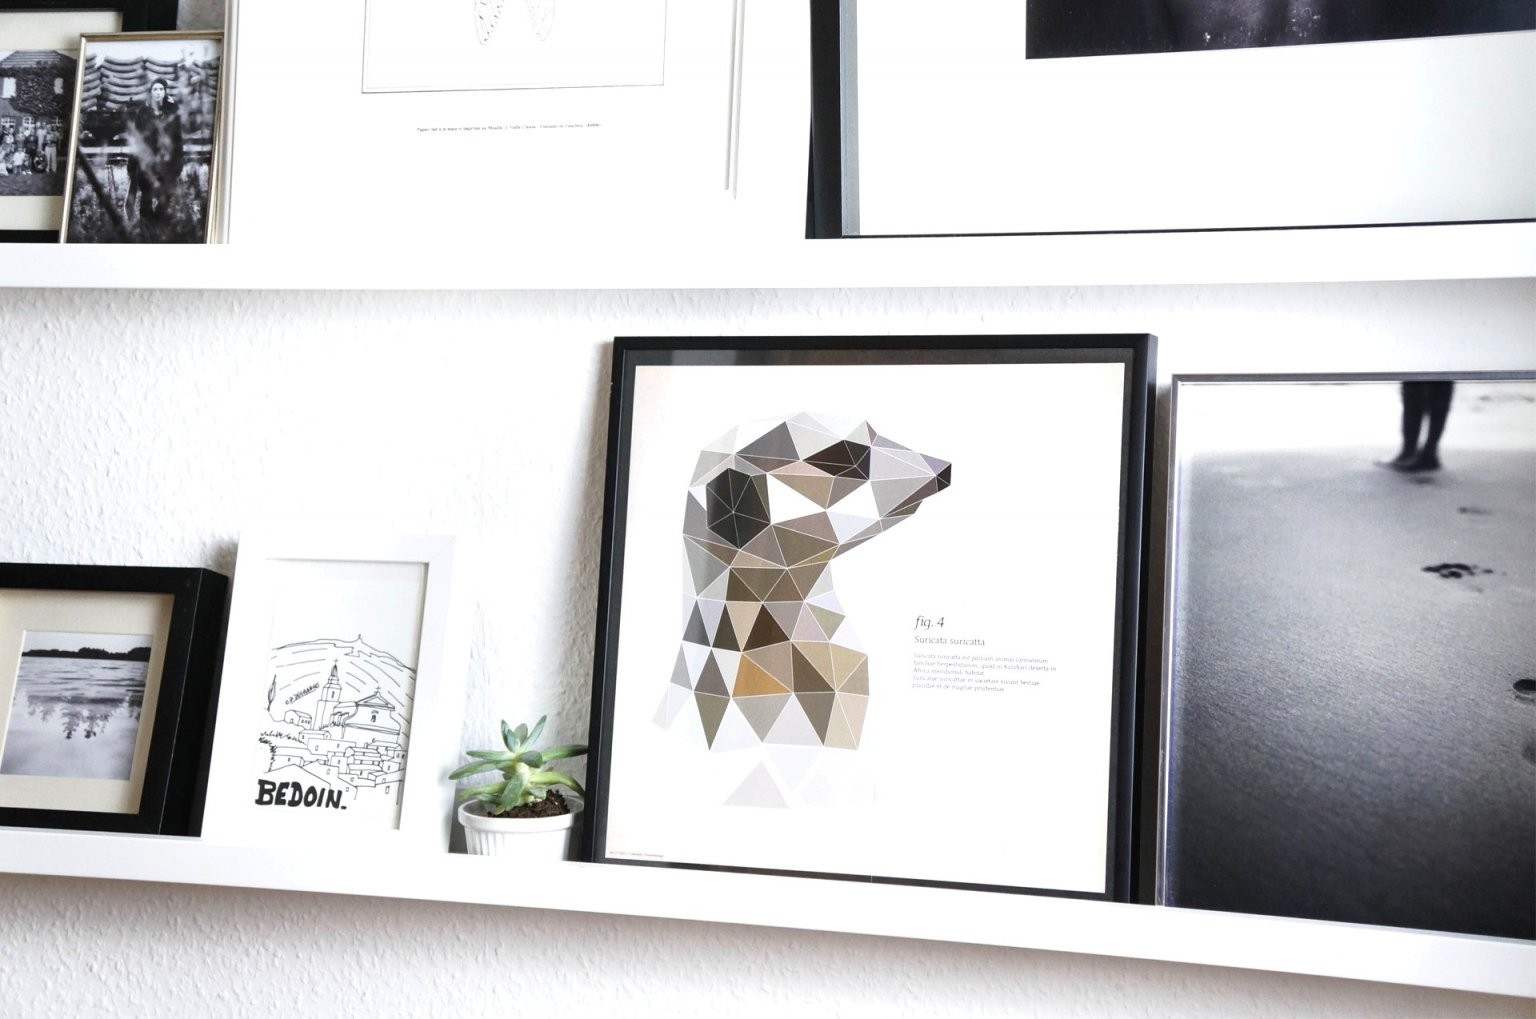 Fotowand Gestalten Ohne Bilderrahmen Von Blau Küchen Kunst von Fotowand Gestalten Ohne Bilderrahmen Bild